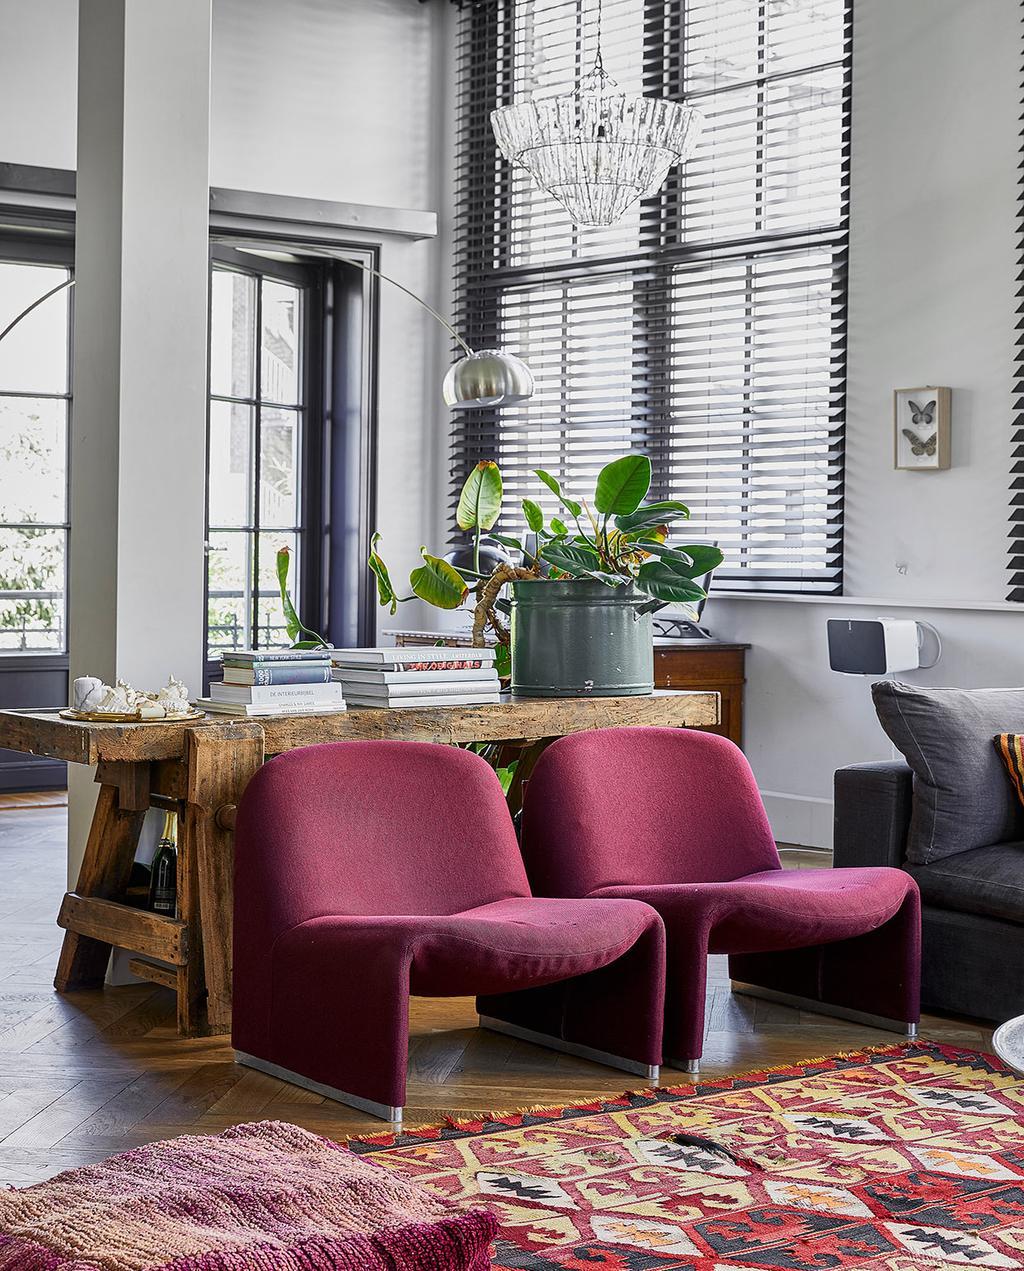 vtwonen 02-2021 | vintage stoelen en vloerkleed